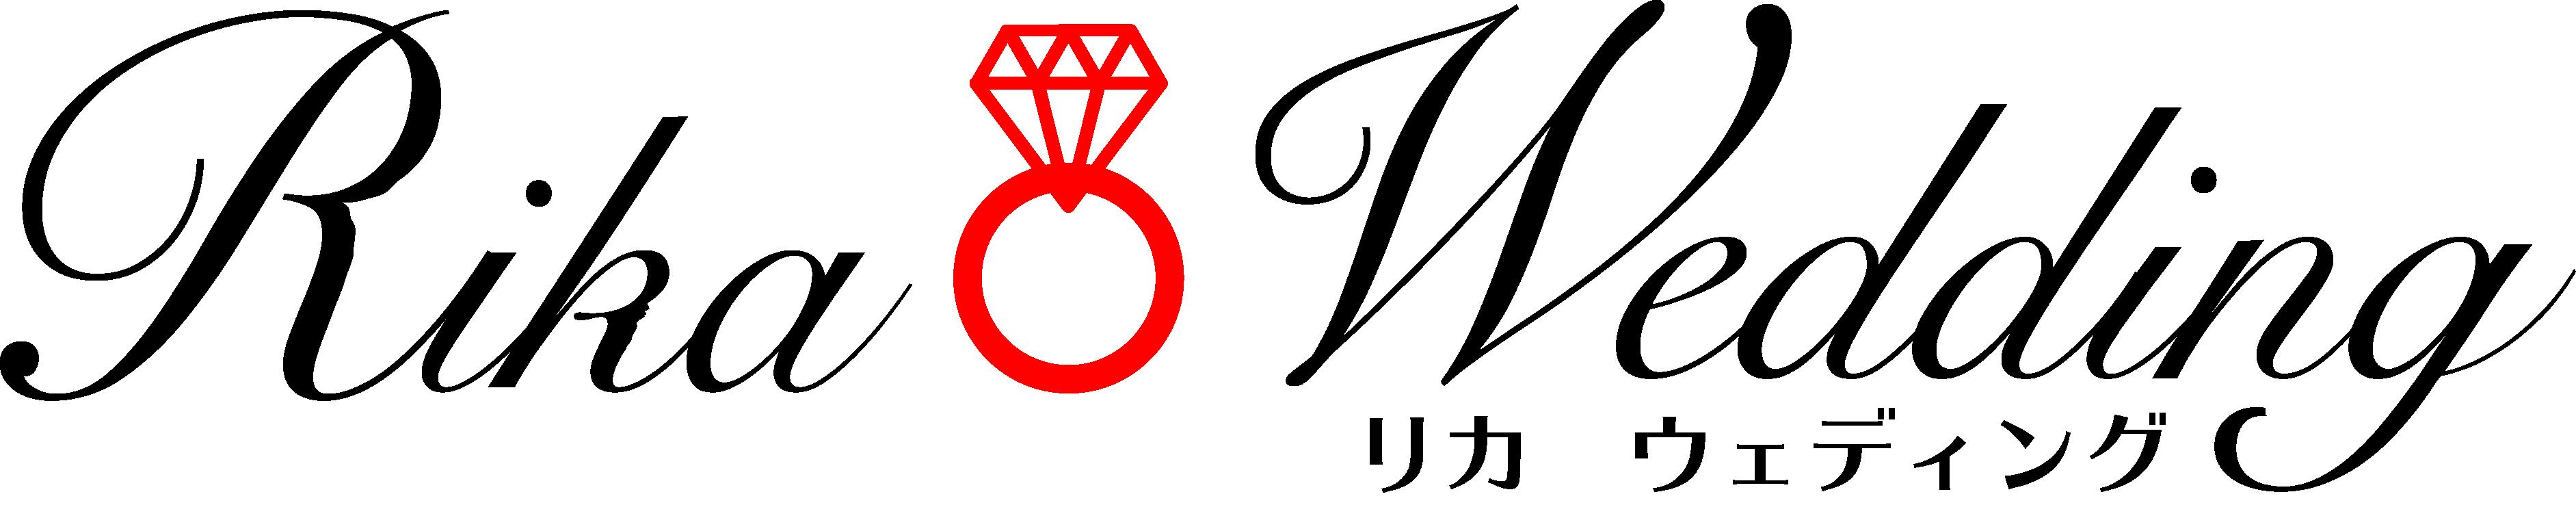 40代からの大人婚・再婚・シニア婚のウエディングプロデュース【リカウェディング】